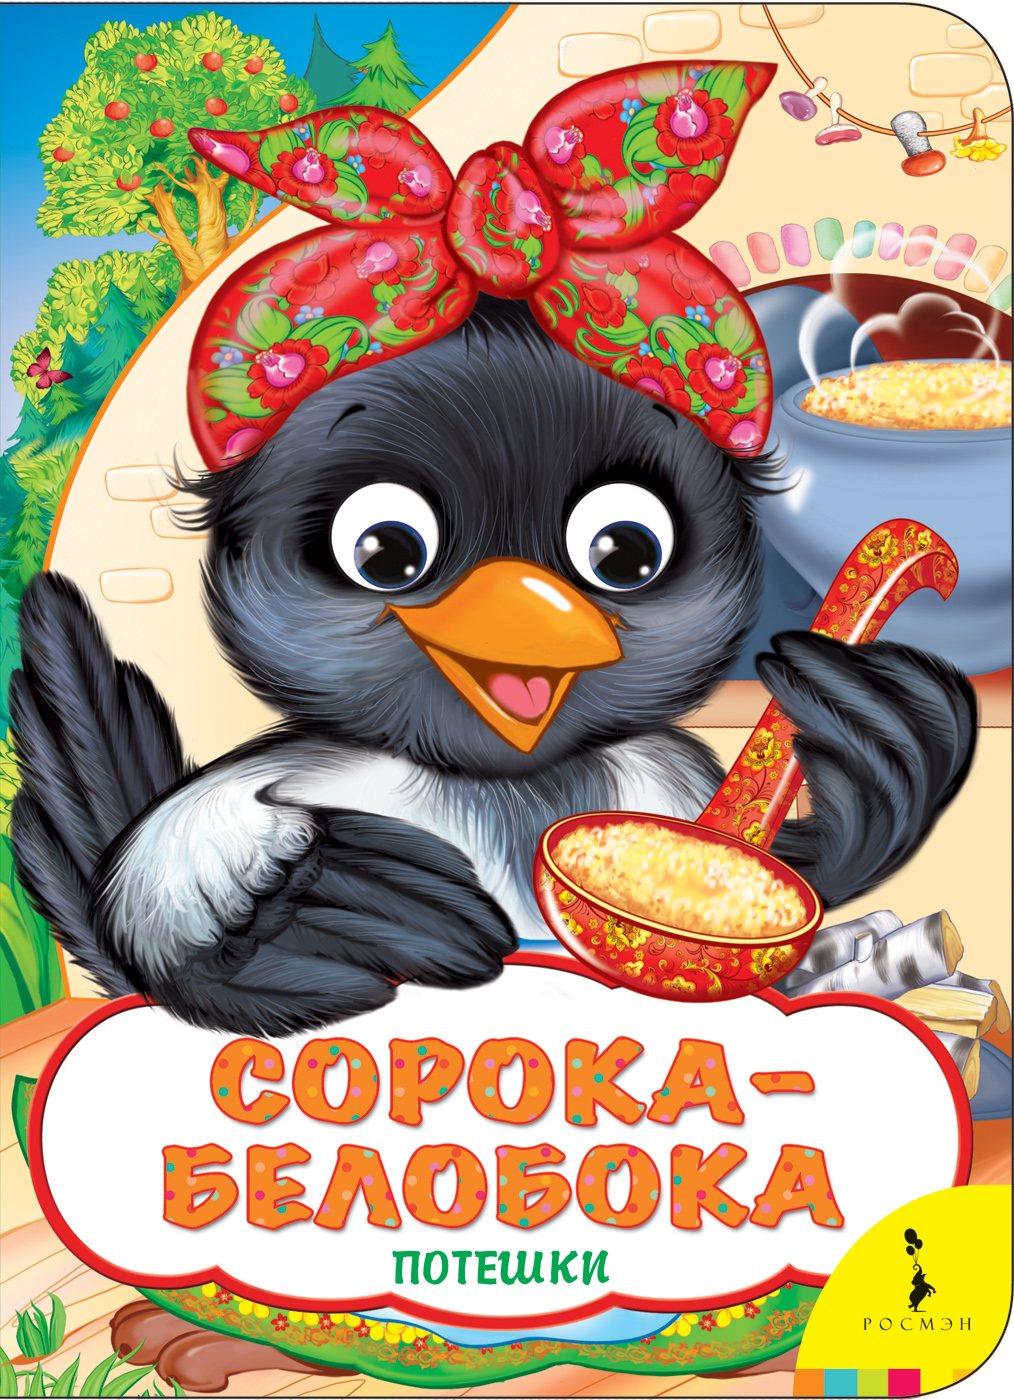 Сорока-белобока ISBN: 978-5-353-08786-1 ид леда книга с глазками потешки для малышей